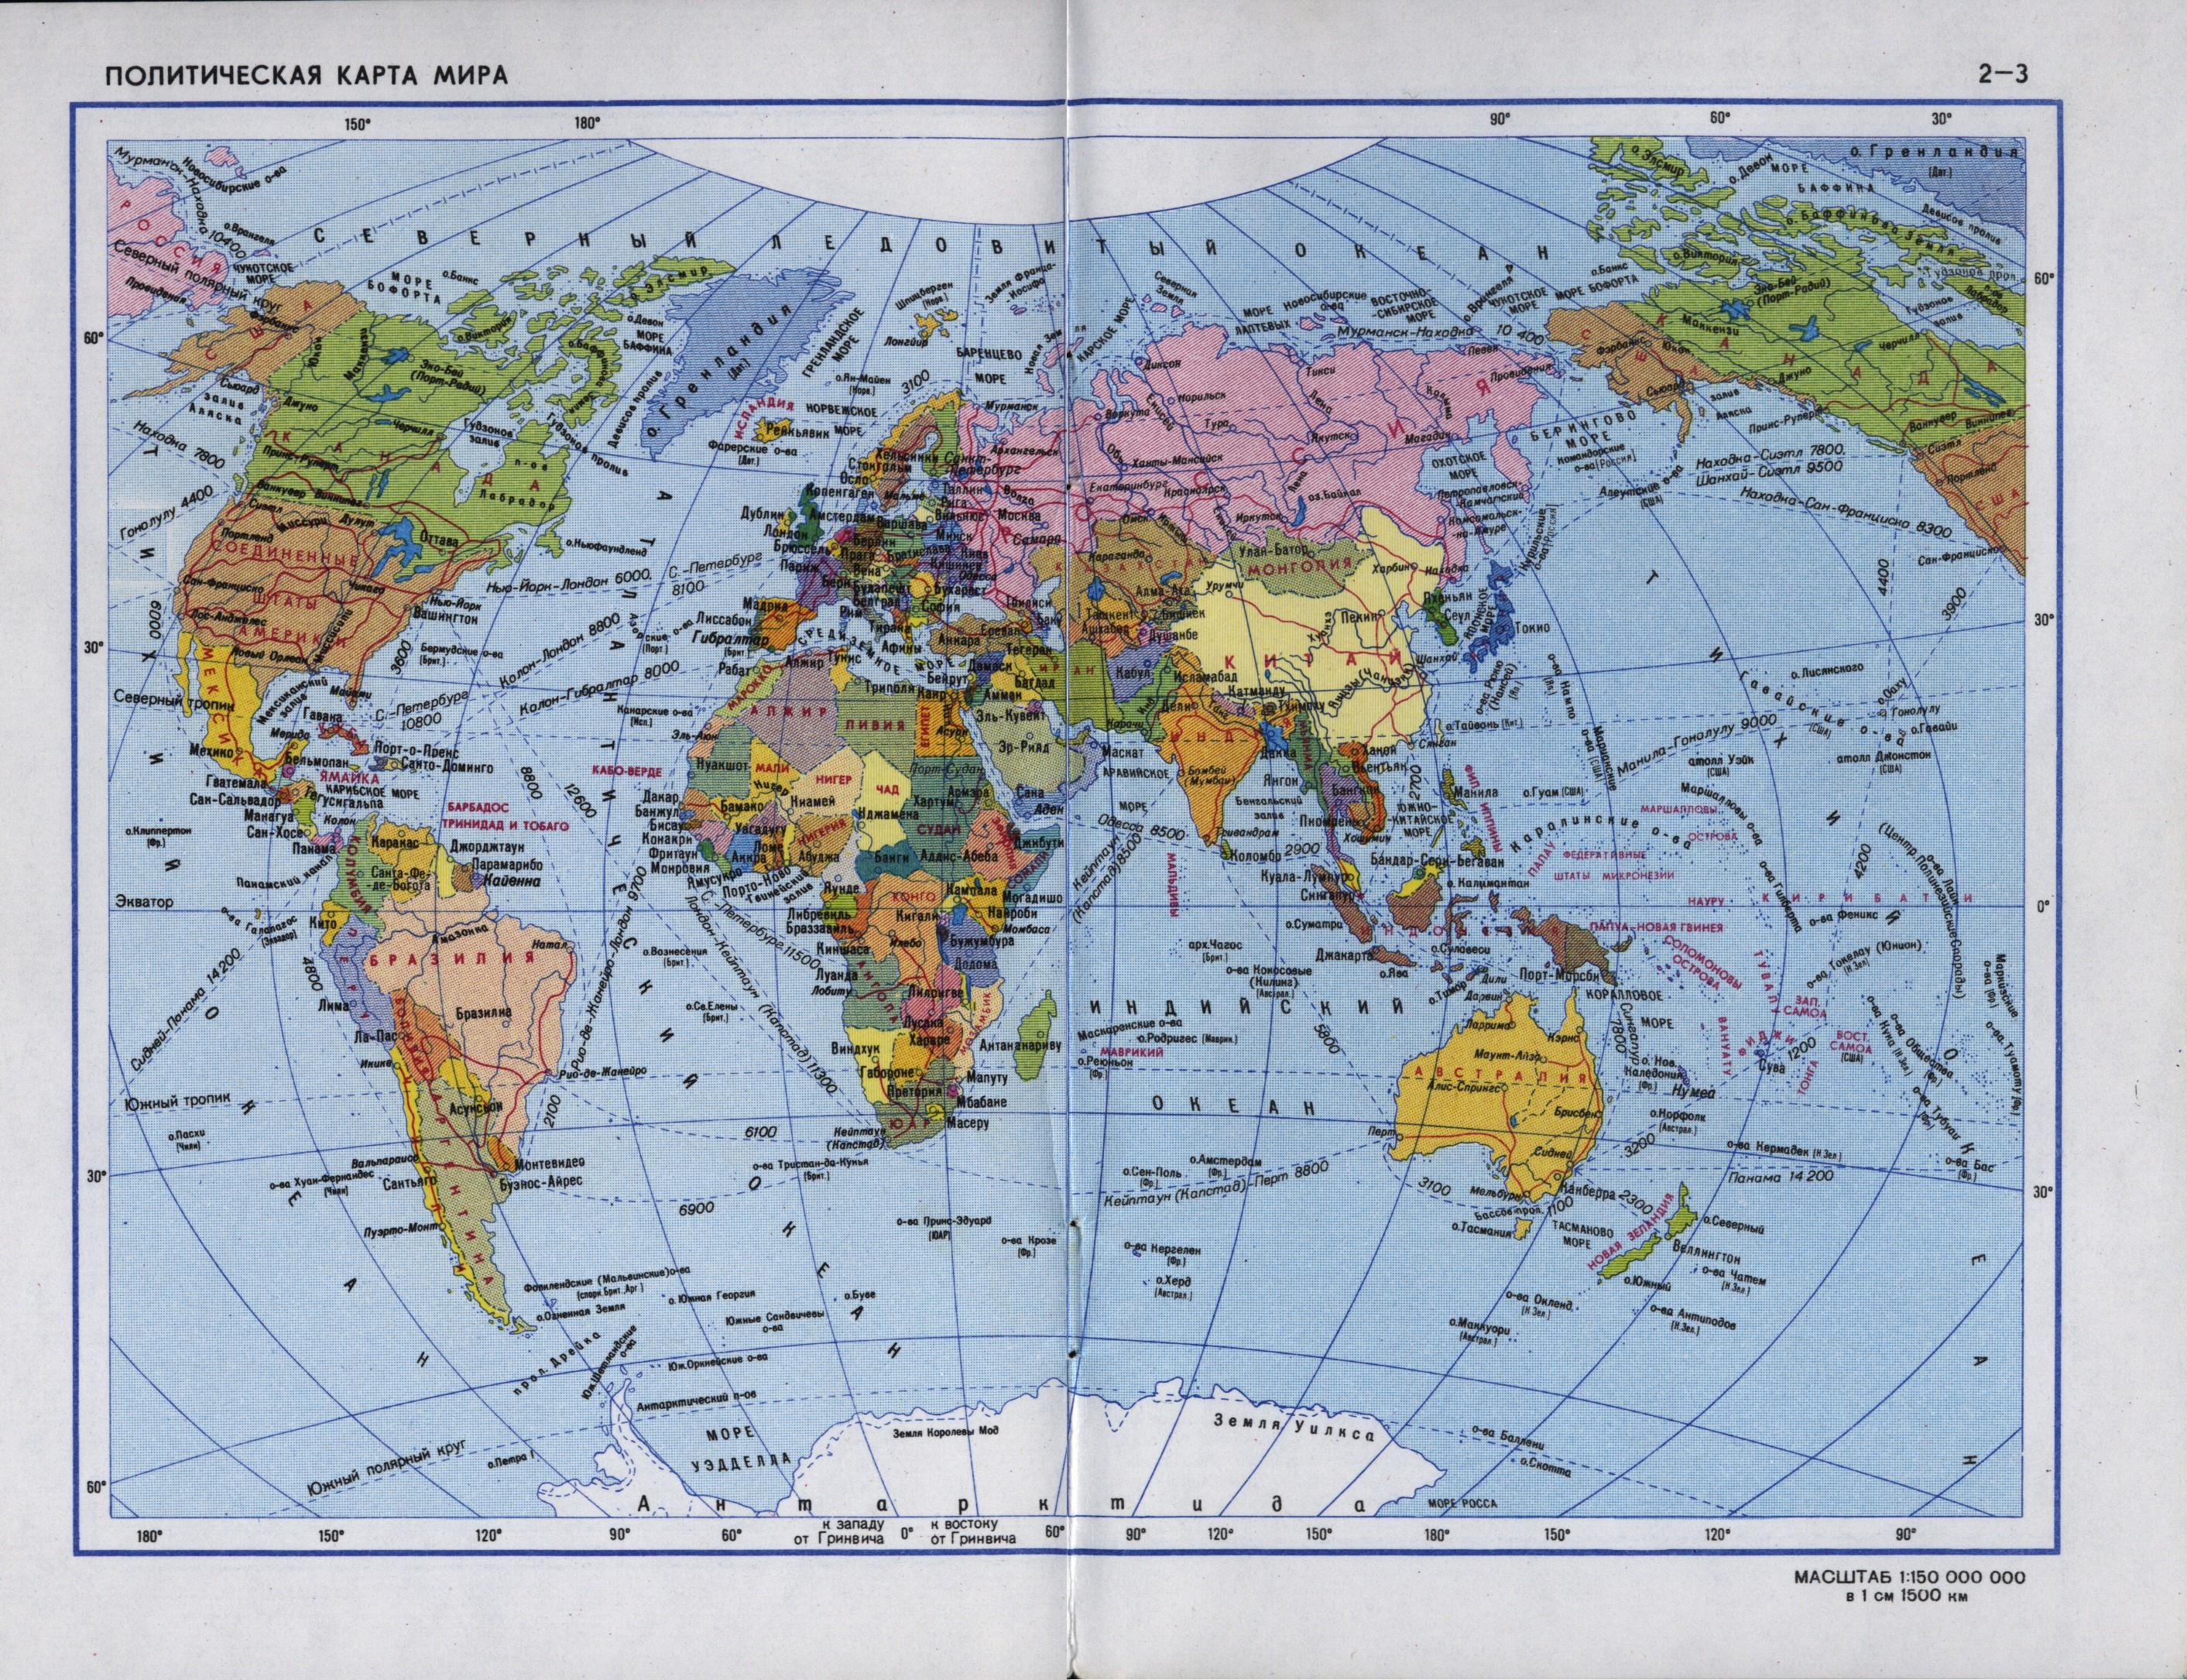 Карта мира это собственно говоря